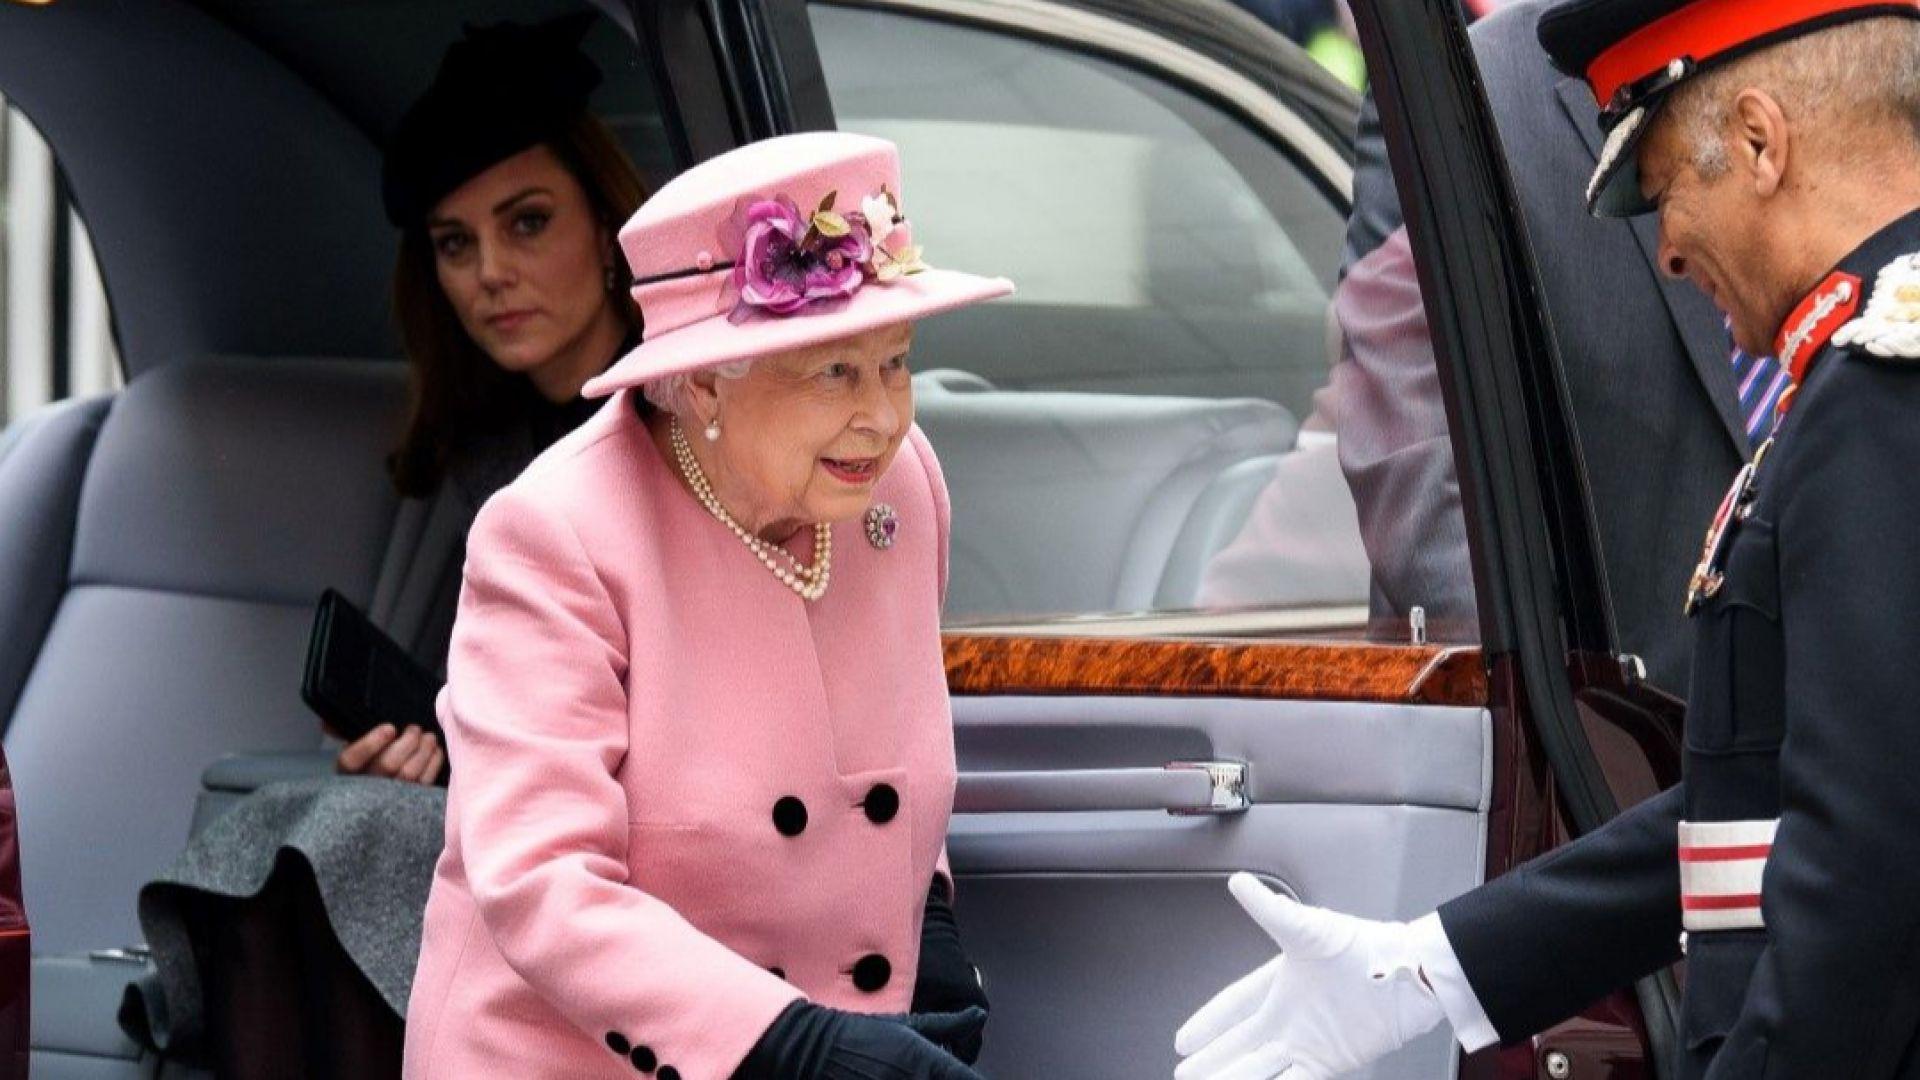 Кейт и кралицата за първи път само двете на съвместен ангажимент